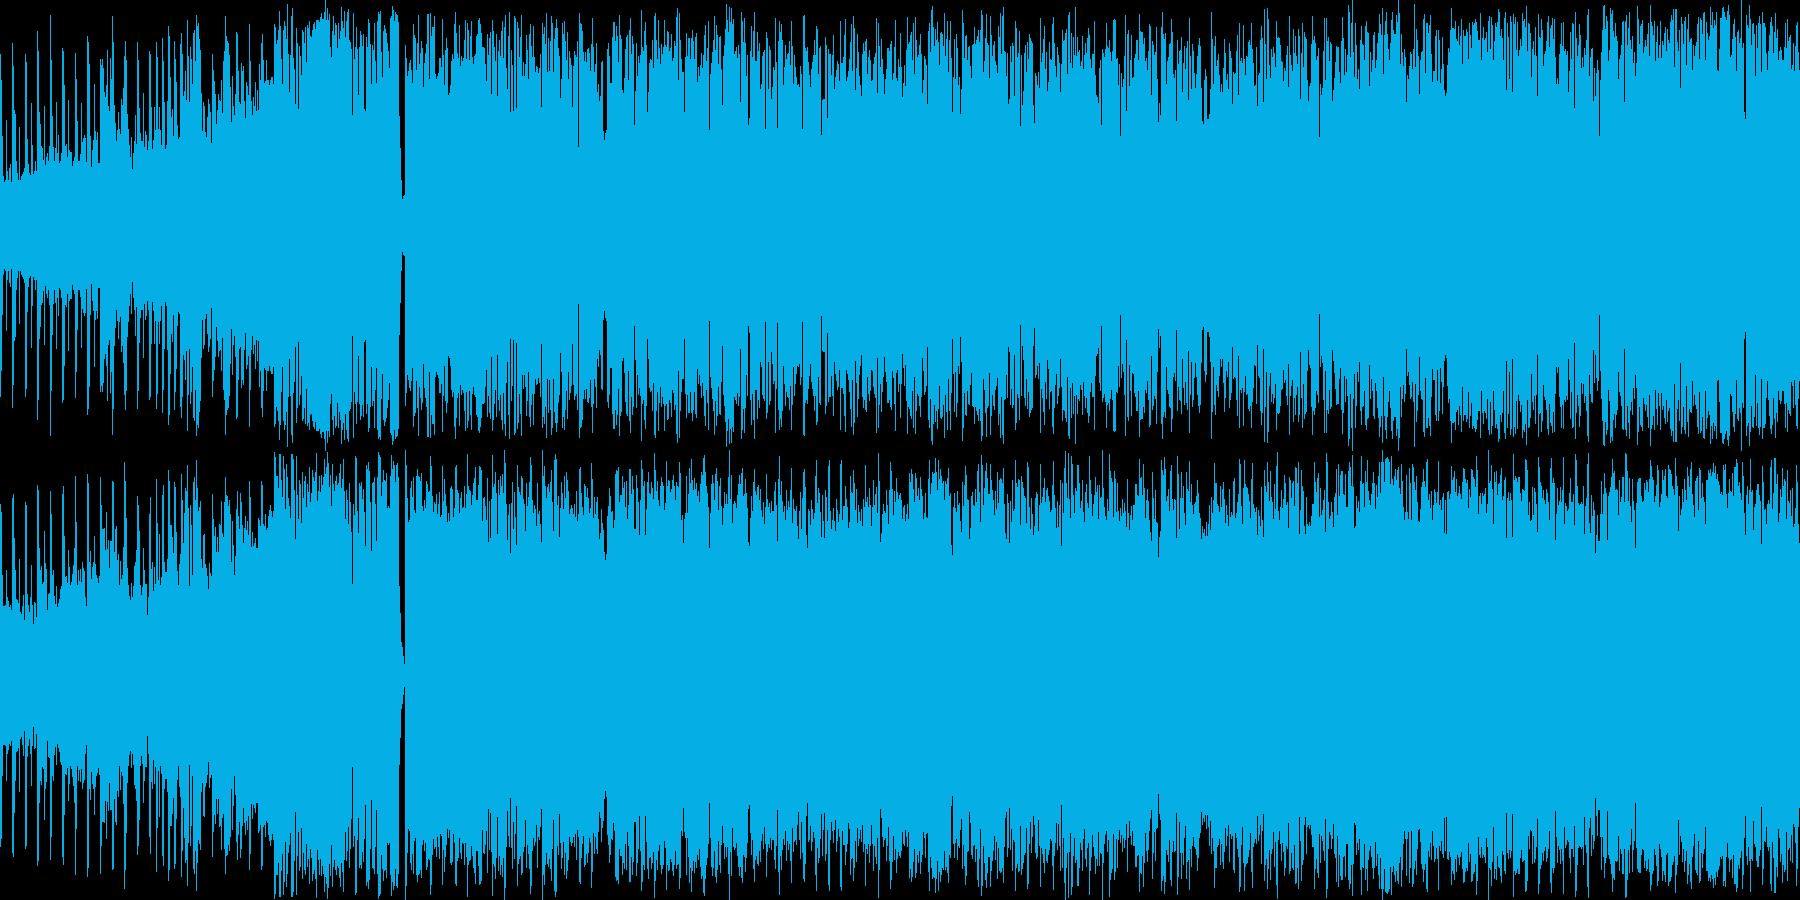 オーケストラとEDMを混ぜたBGMの再生済みの波形